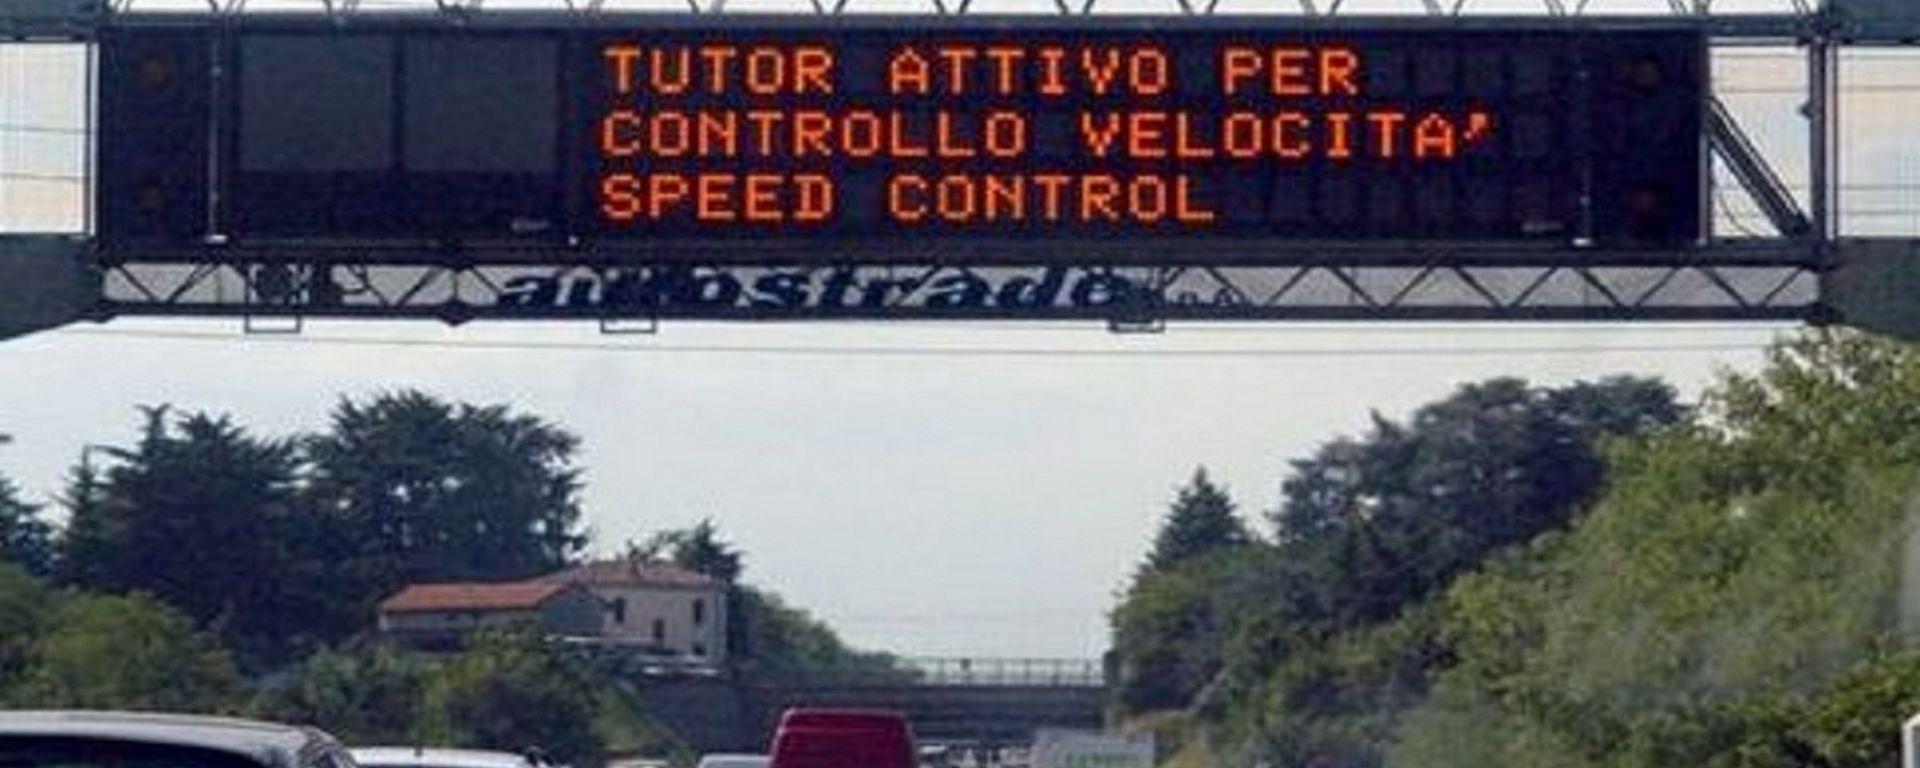 Tutor autostradale, non valide le sanzioni per eccesso di velocità istantanea